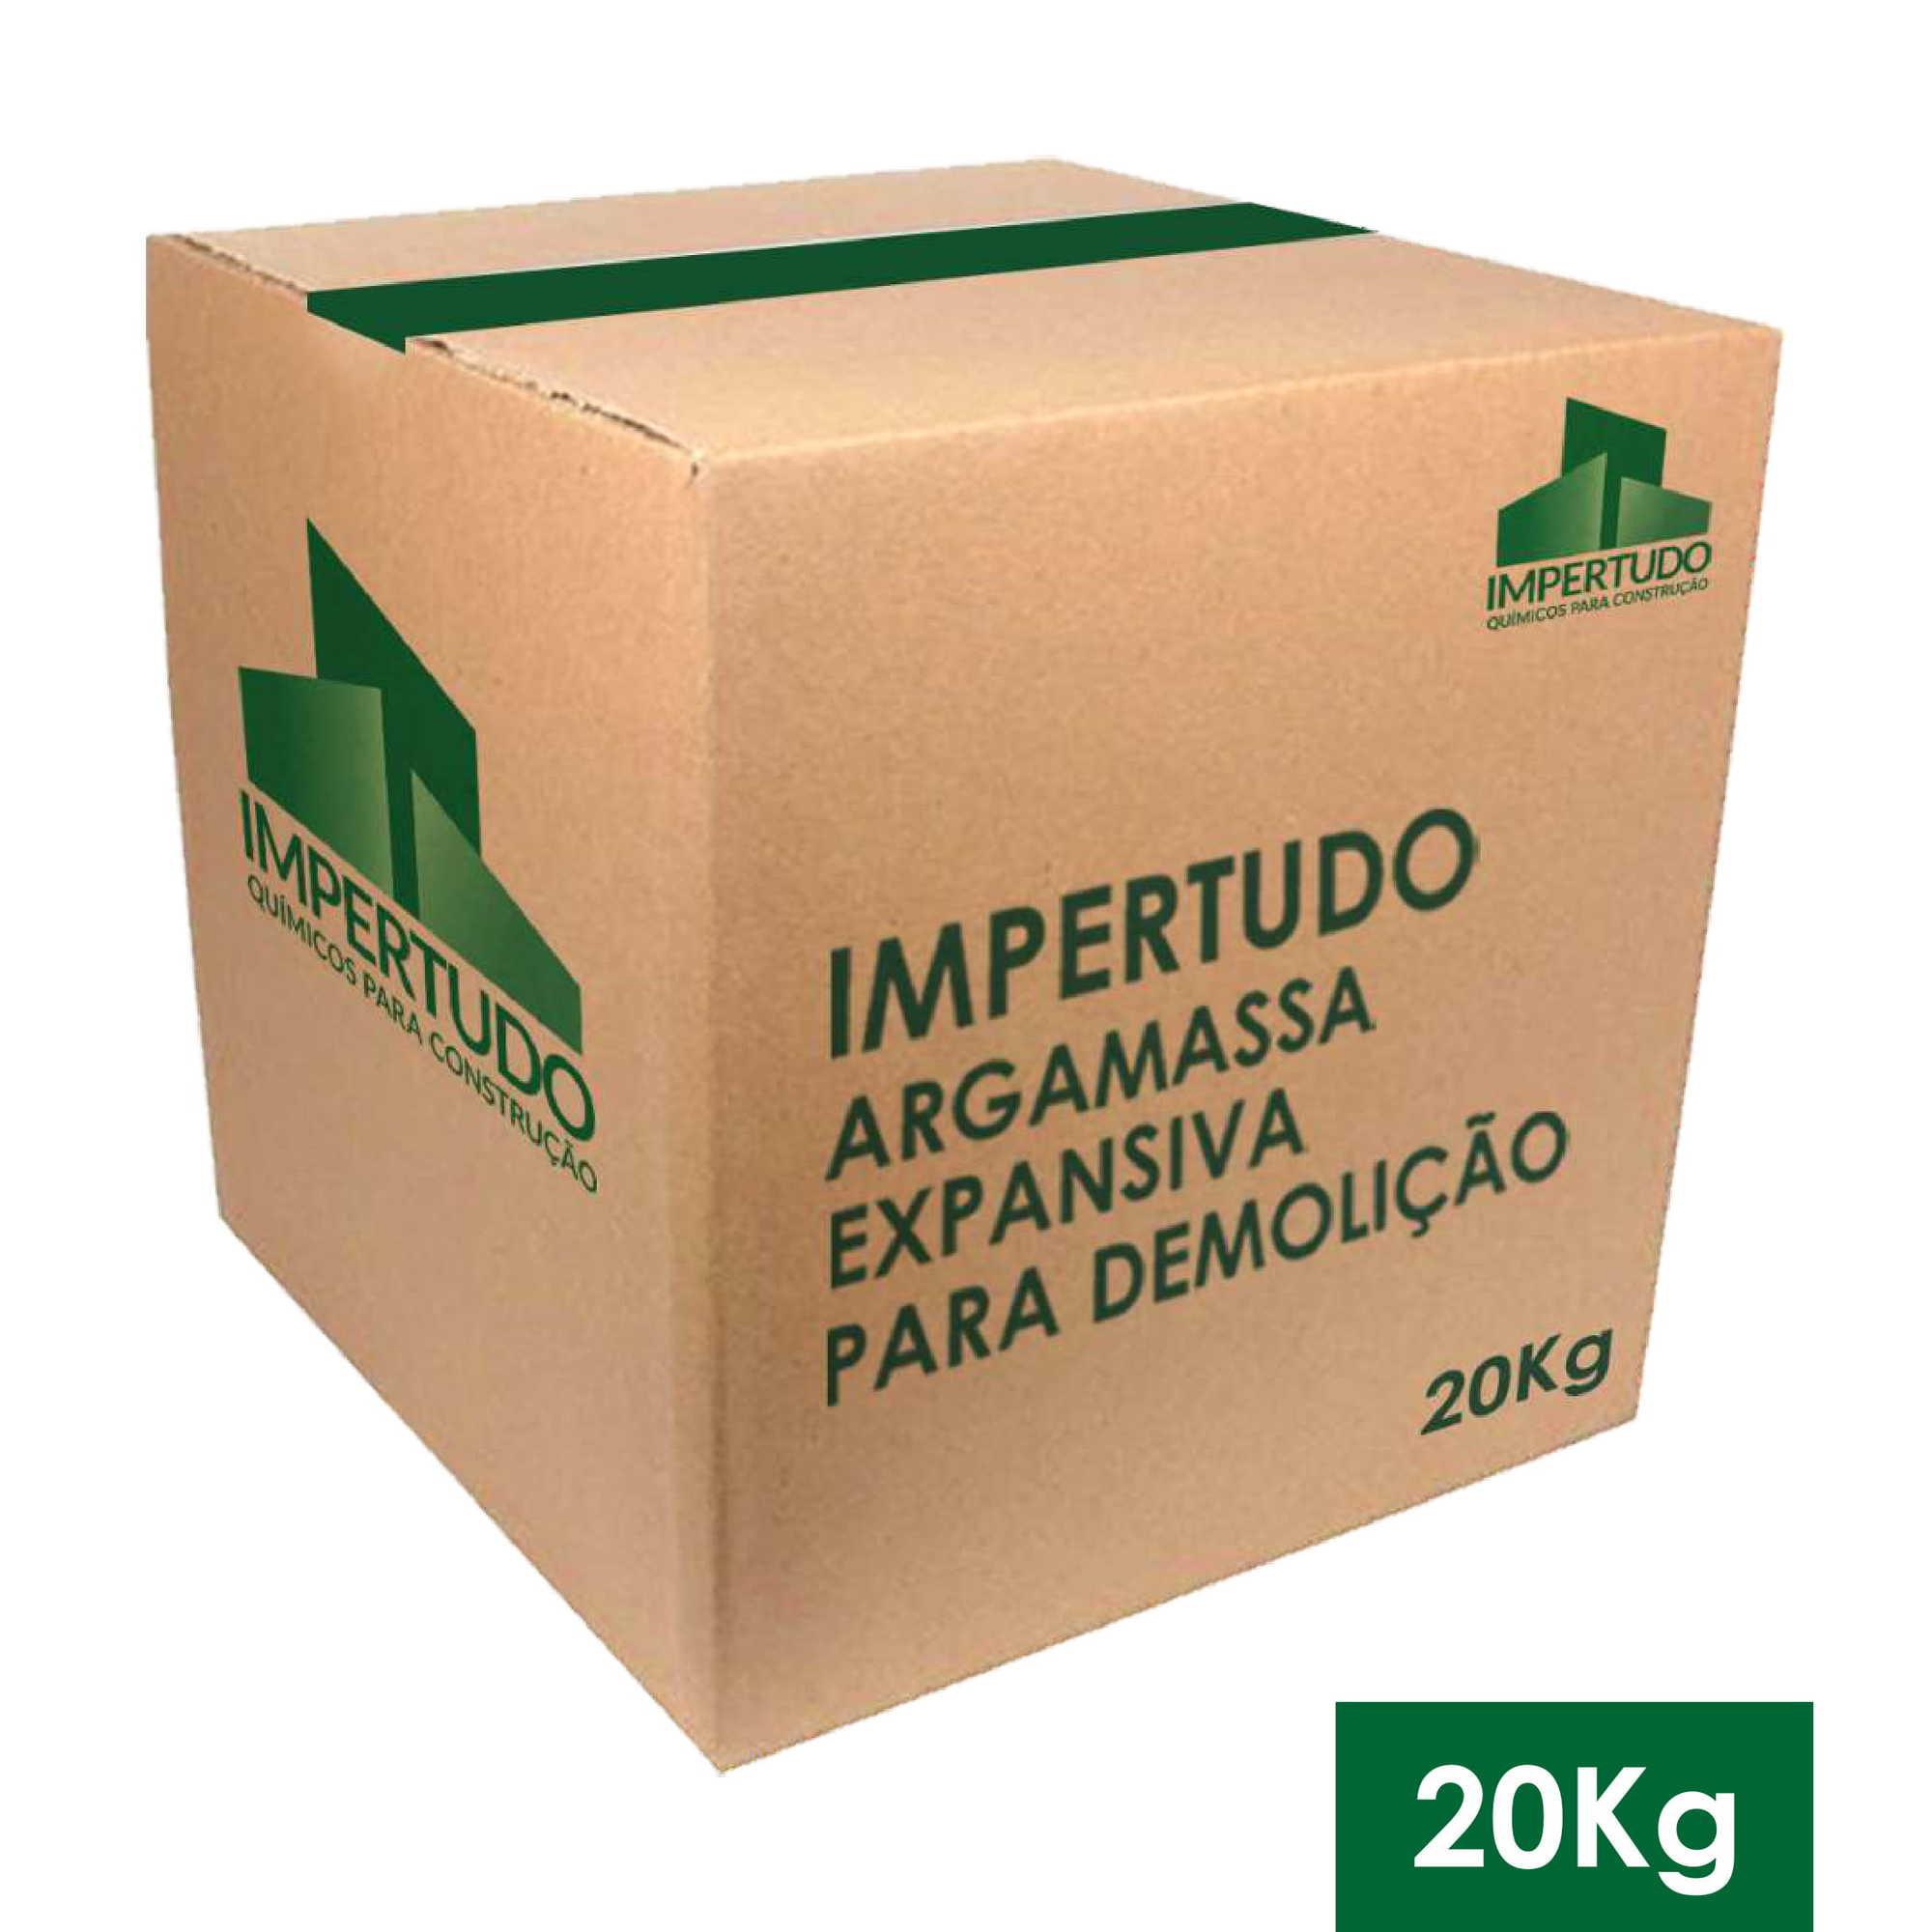 ARGAMASSA EXPANSIVA PARA DEMOLICAO CX 20 KG